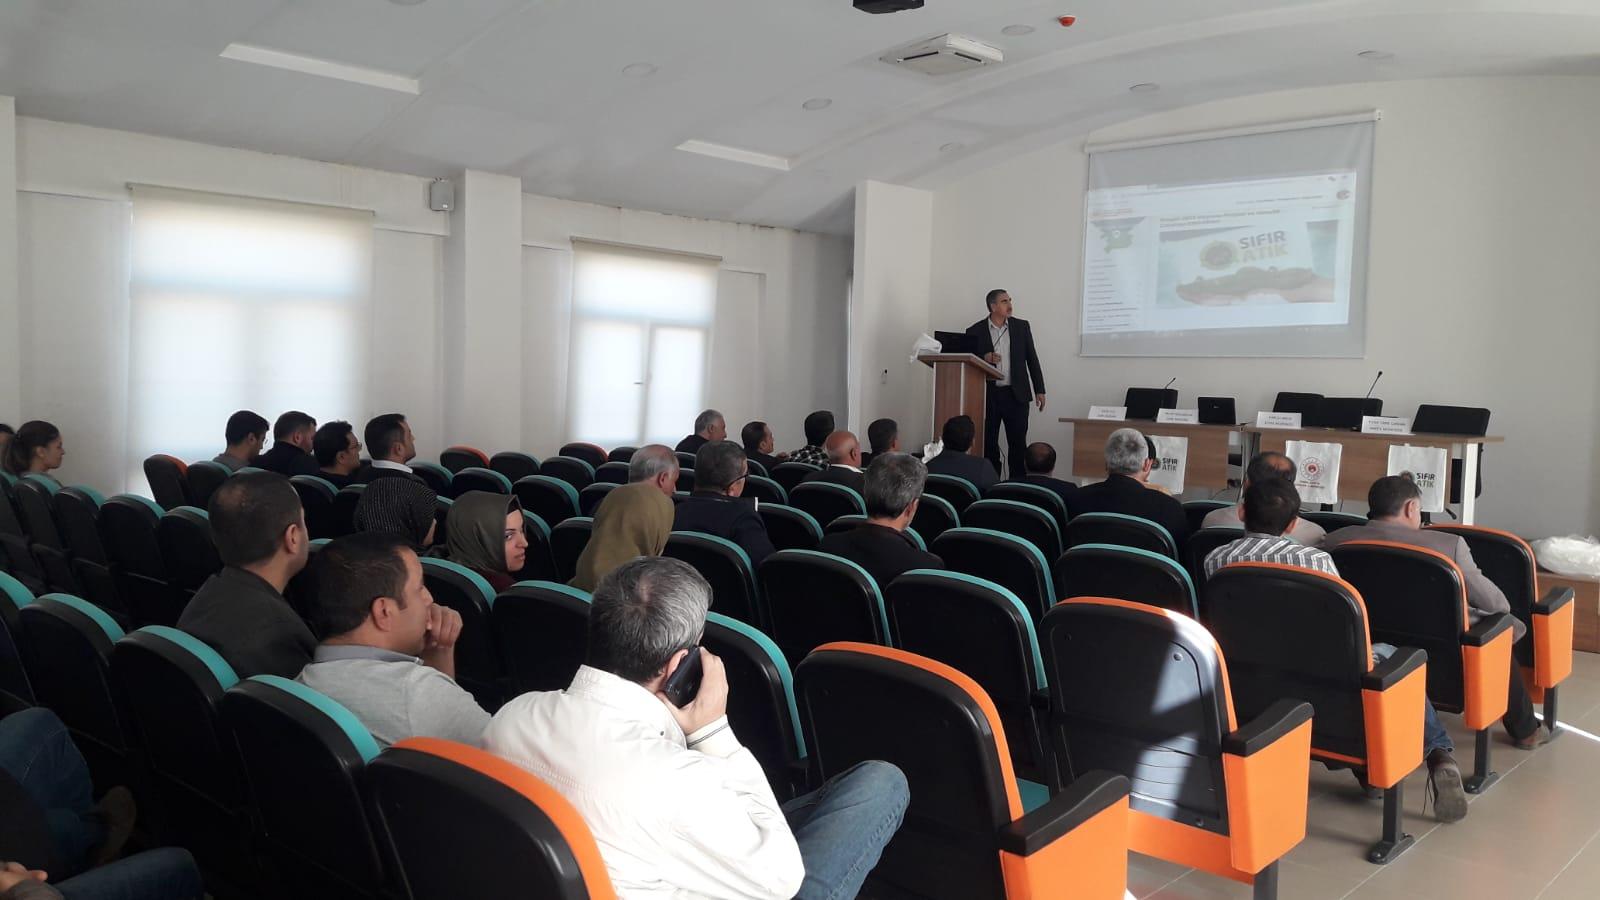 Bingöl 2023 Vizyonu Projesi ve Gençlik Çalıştayı eğitimleri düzenlendi.